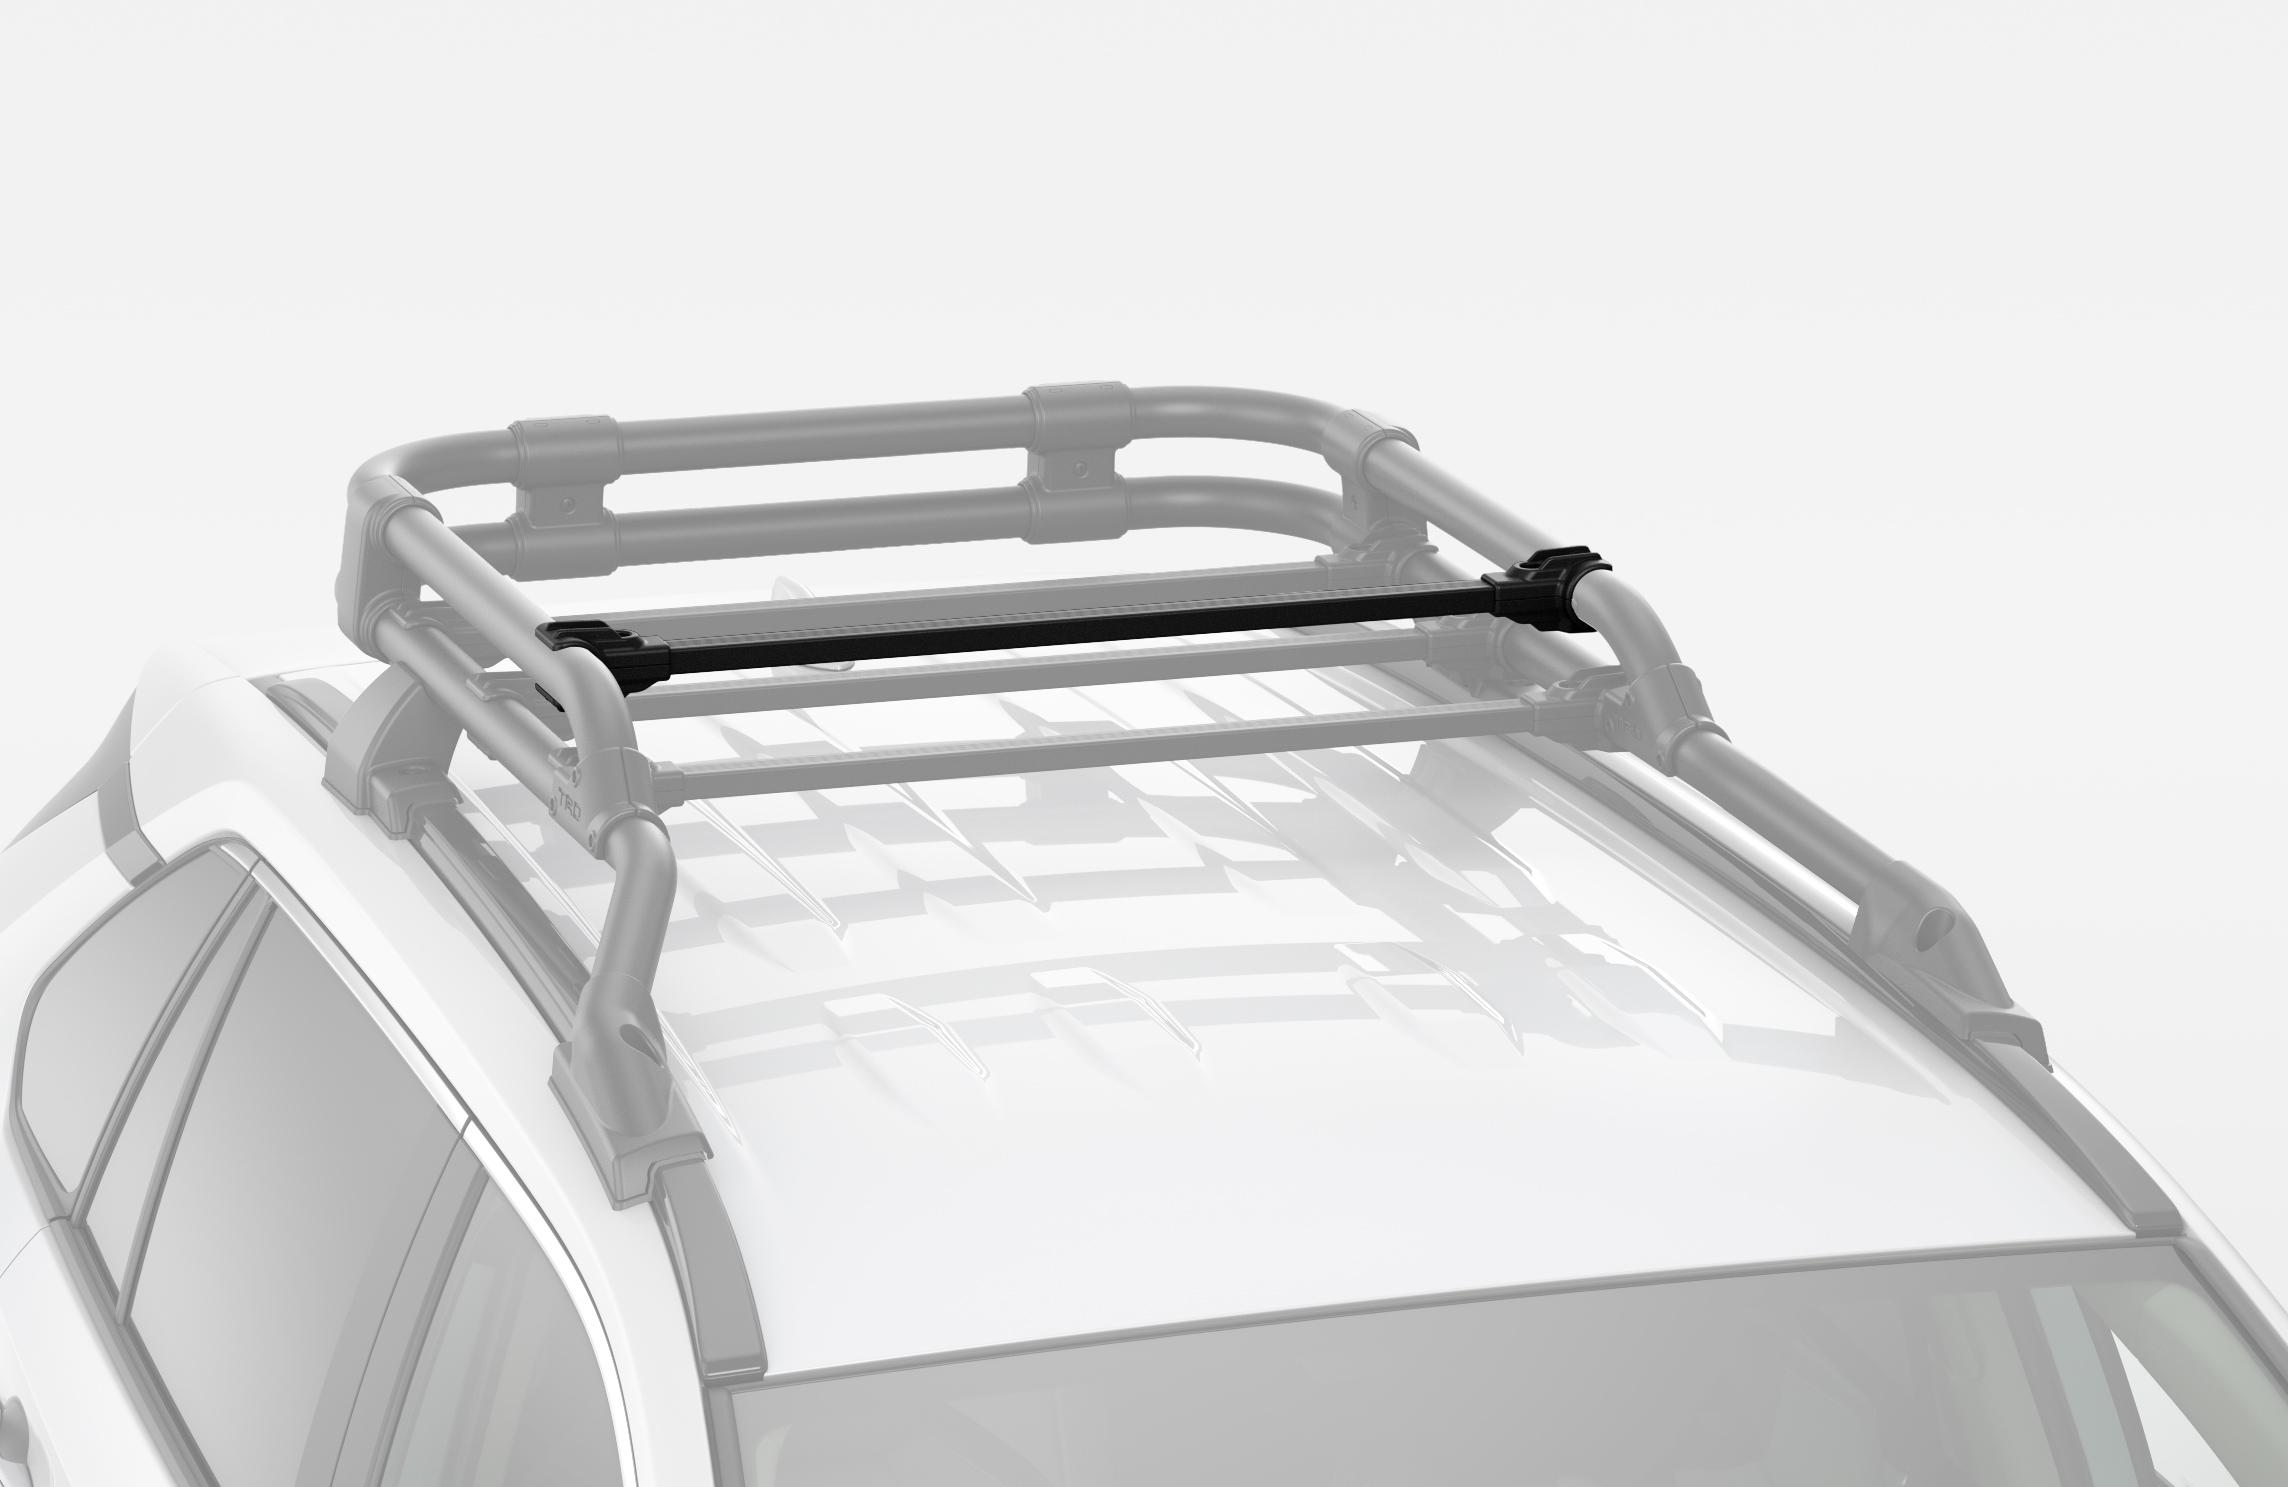 「TRDが仕立てた新型RAV4「Adventure」用パーツはタフな印象を強調する「フィールド・モンスター」」の28枚目の画像